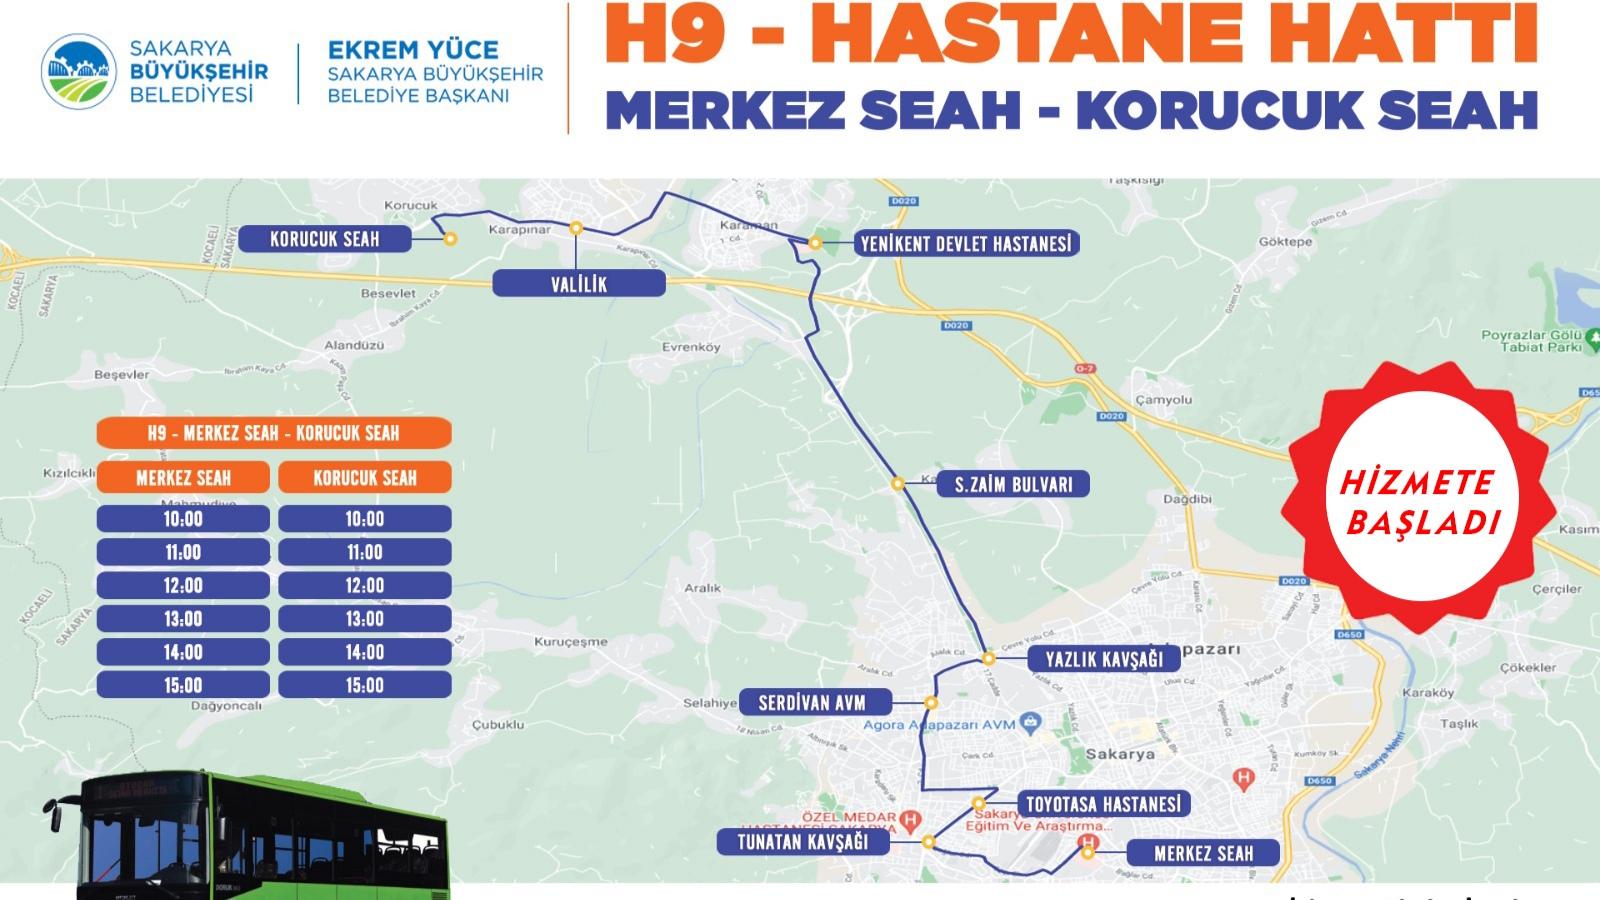 Yeni hastane hattı (H9) hizmet vermeye başladı